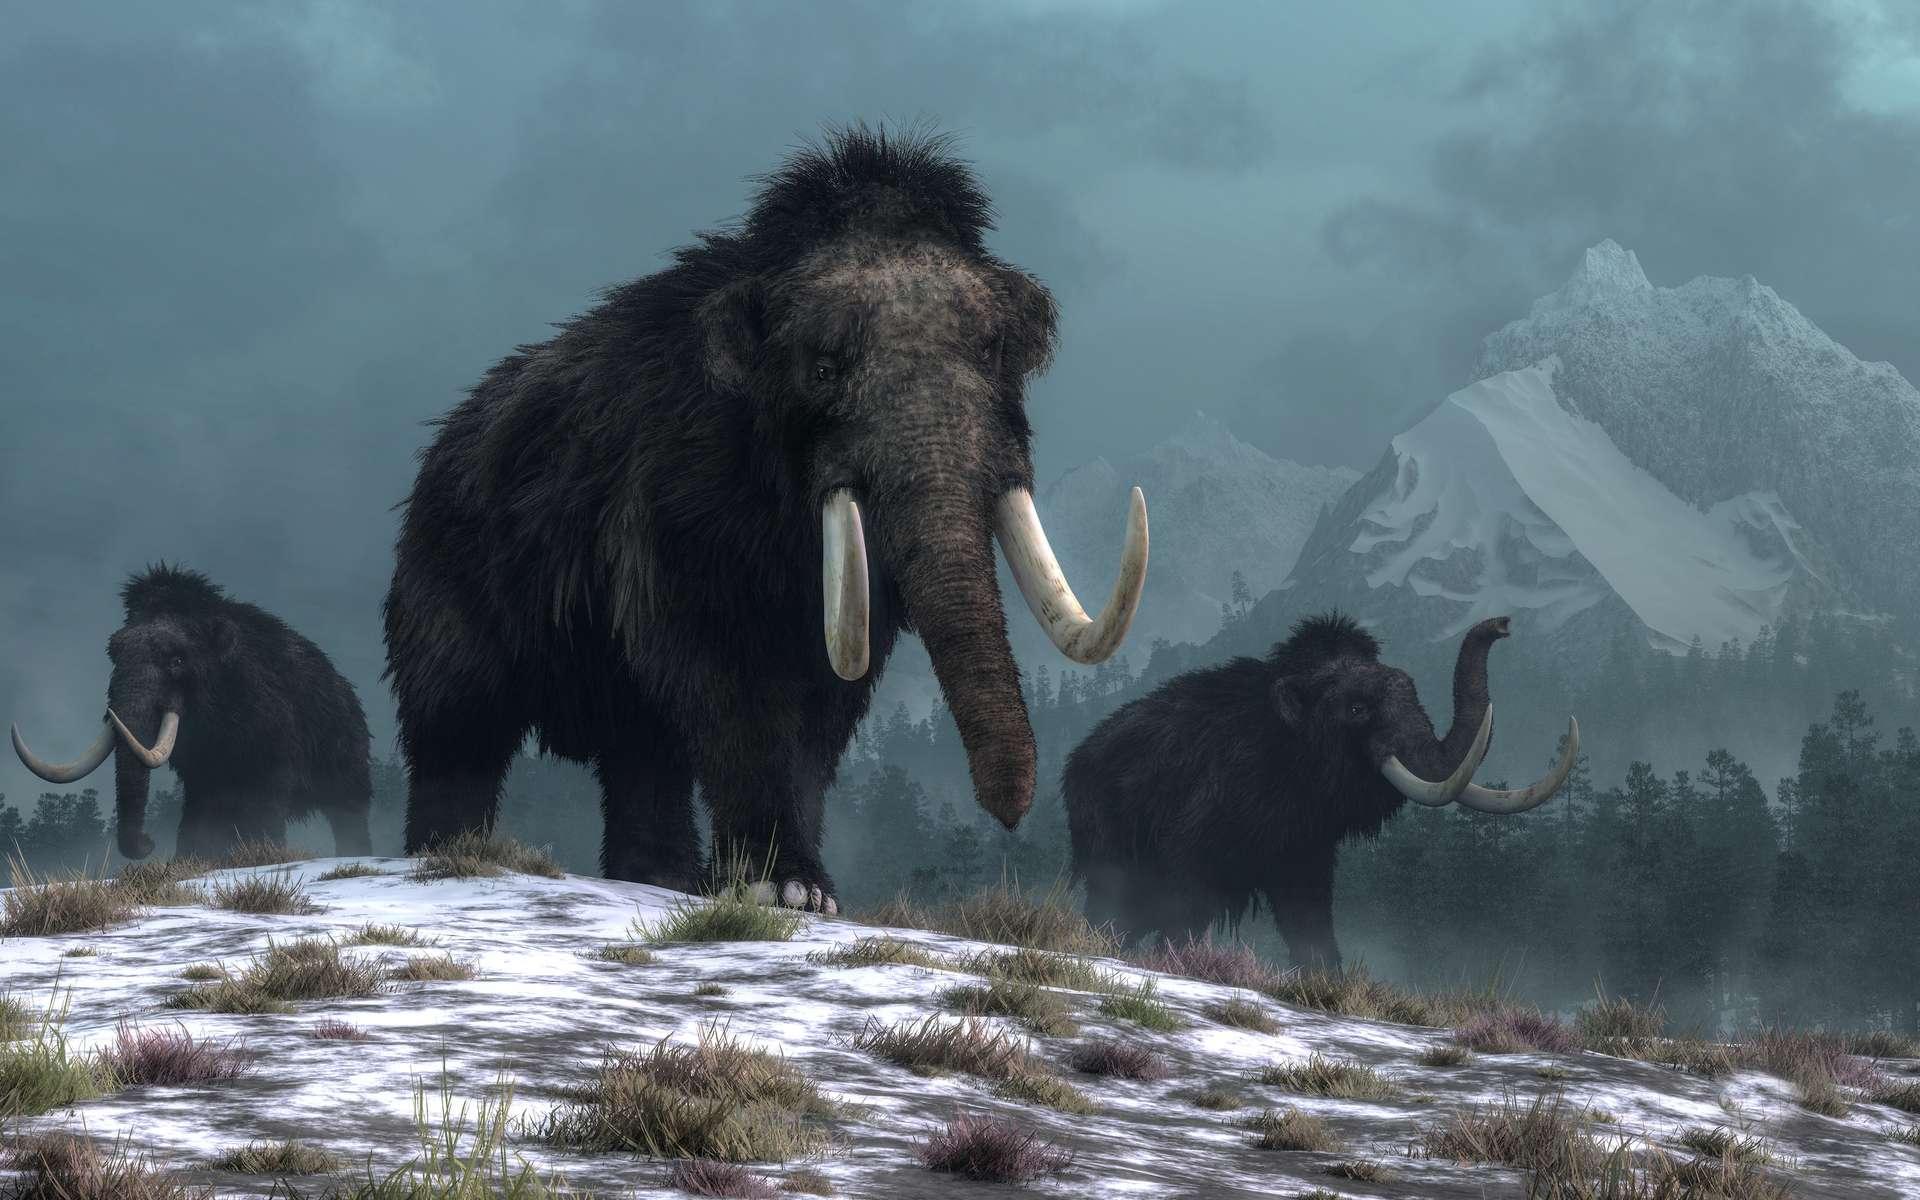 Les ossements d'au moins 14 mammouths ont été découverts au Mexique. Ce serait « la plus grande découverte de ce genre » jamais effectuée, selon l'INAH. © Daniel, Adobe Stock